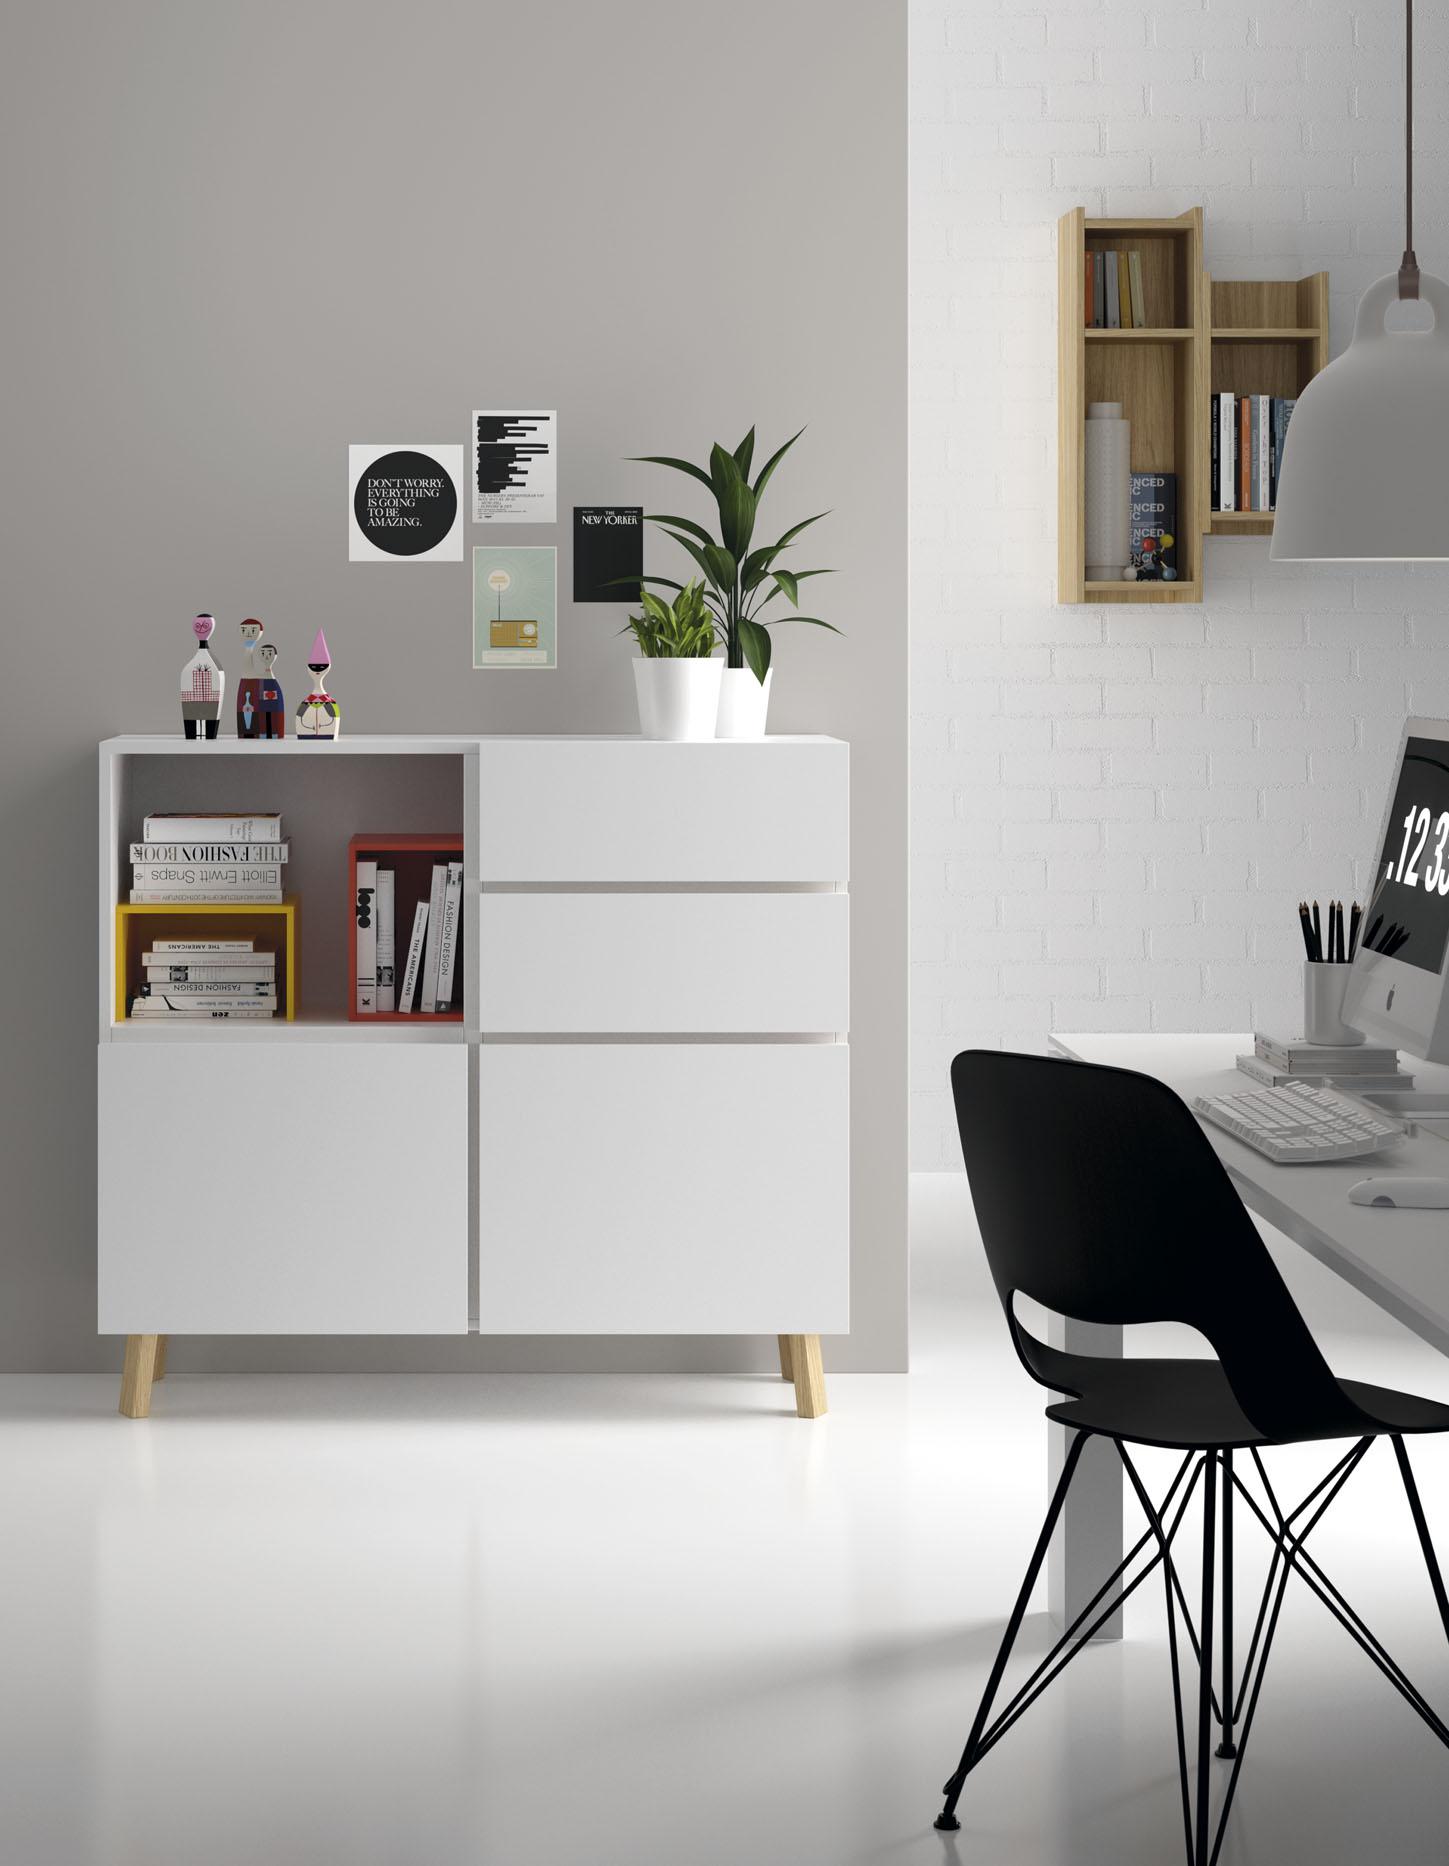 Nueva colecci n lunch vive muebles de estilo n rdico for Momento actual muebles